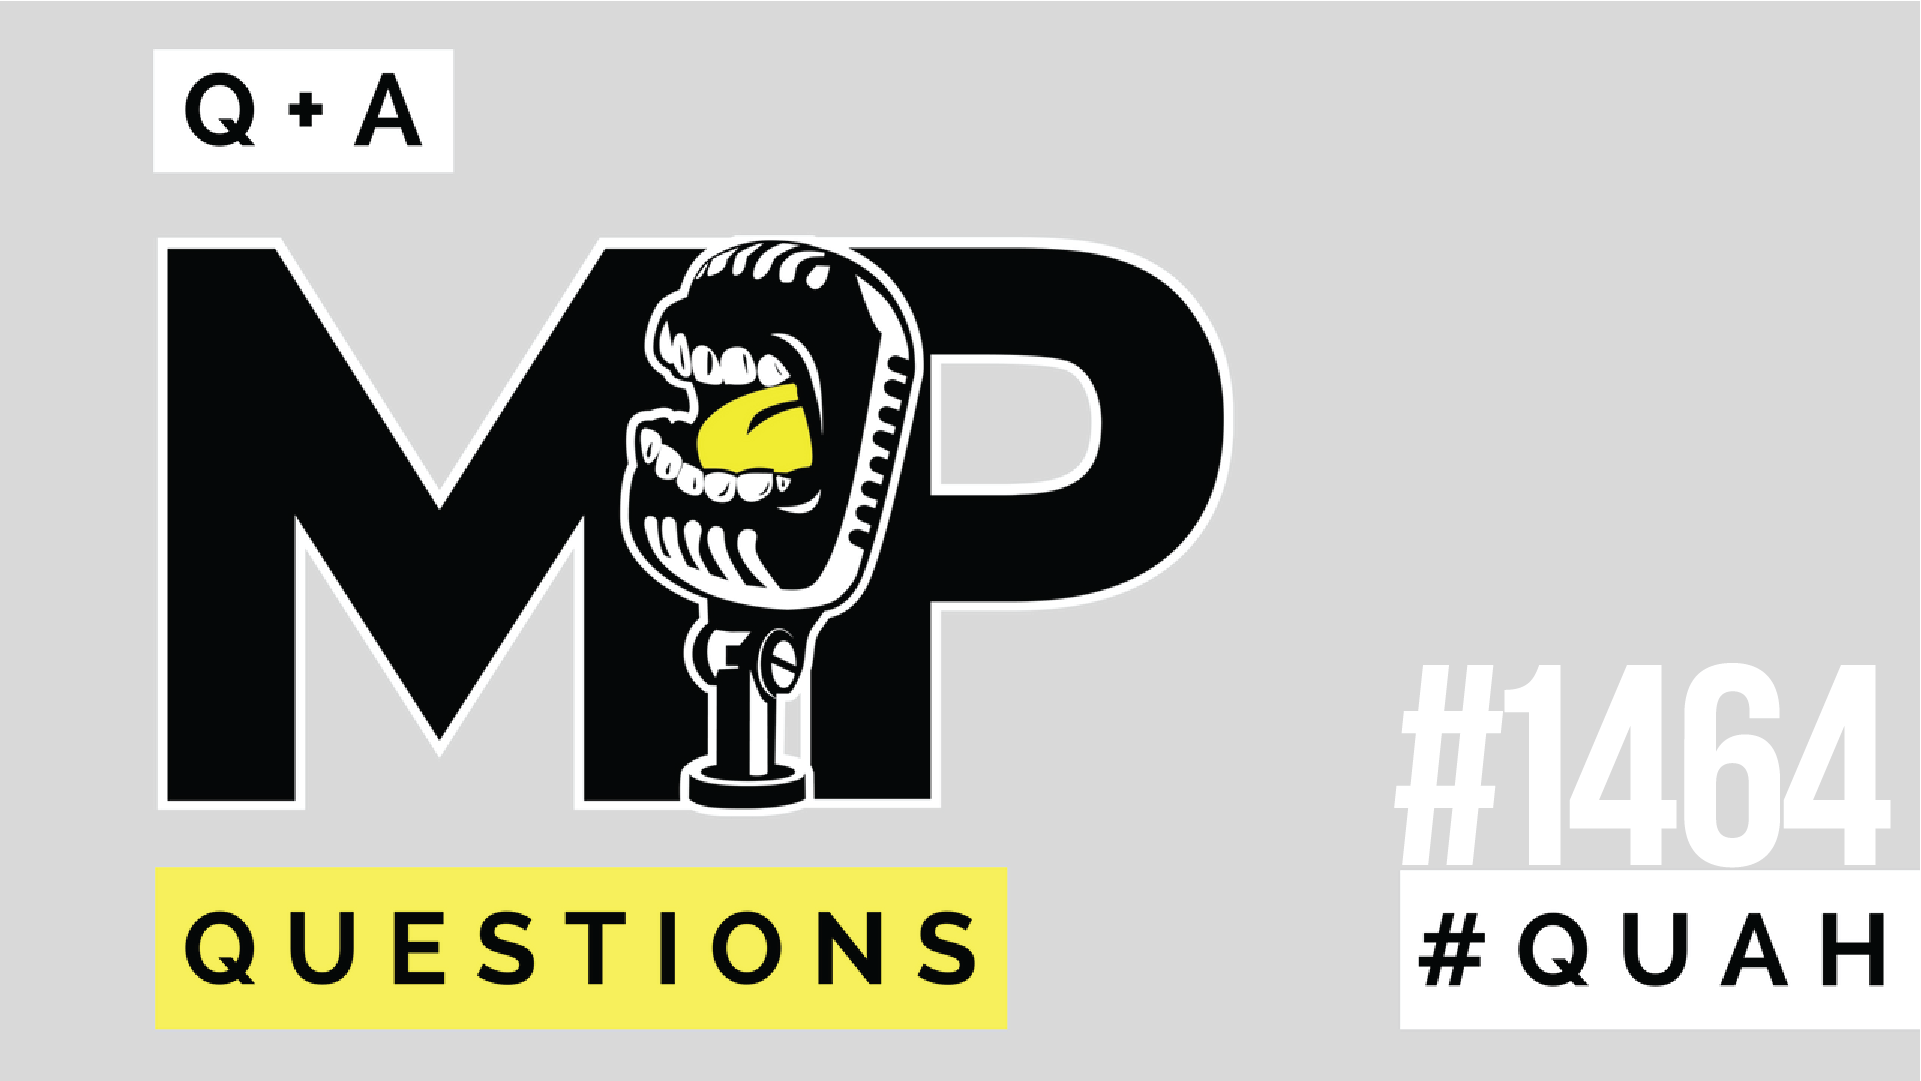 1464: Listener Live Q&A